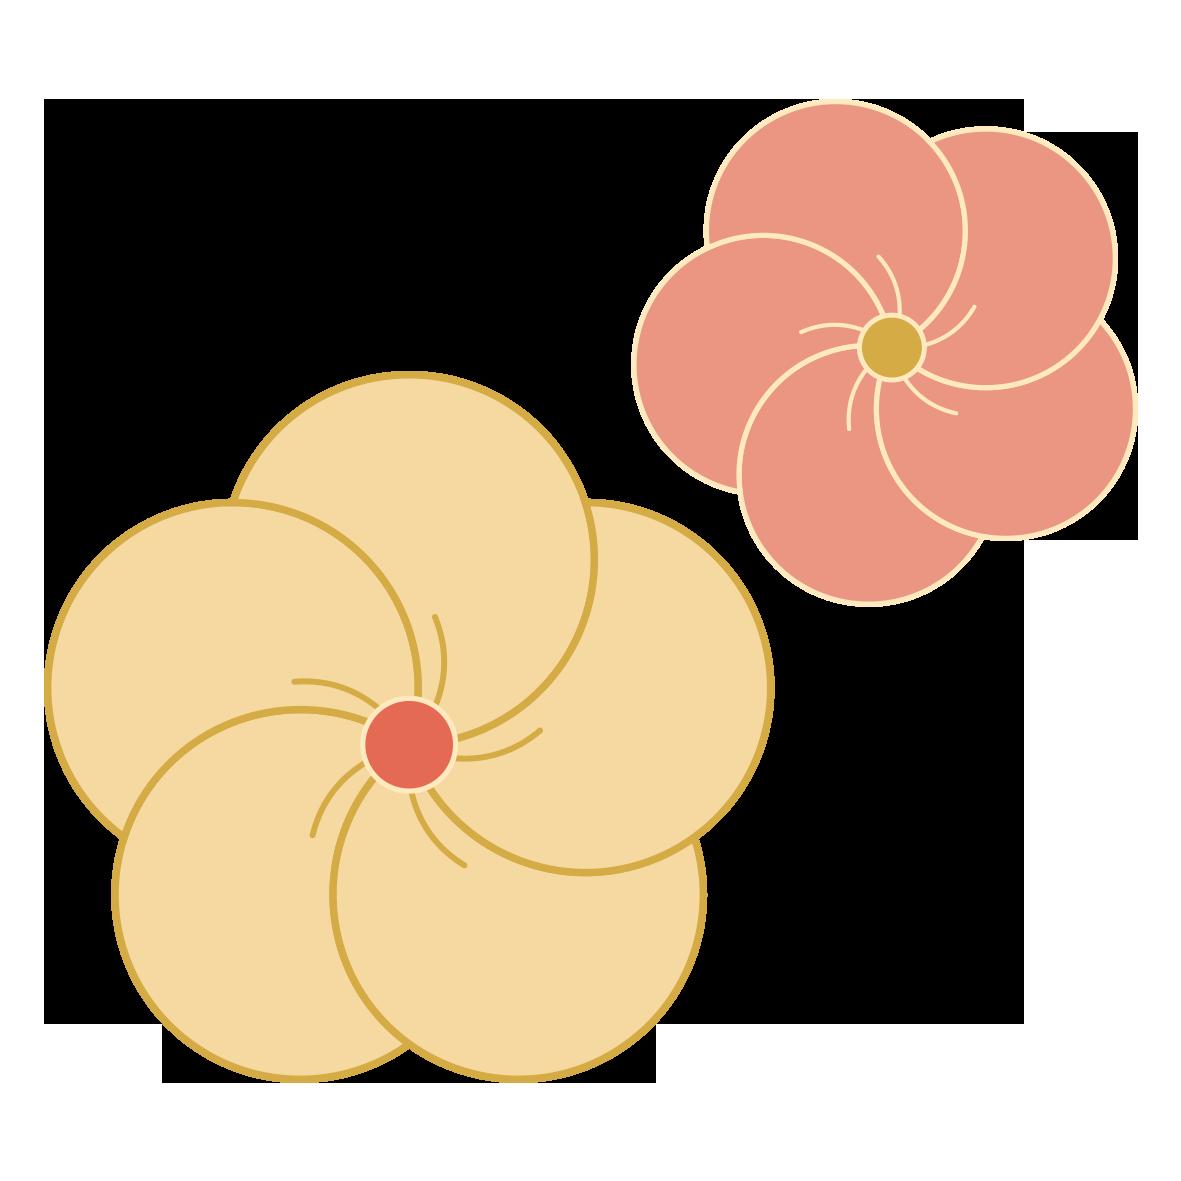 和の梅の花」 - 無料イラスト愛